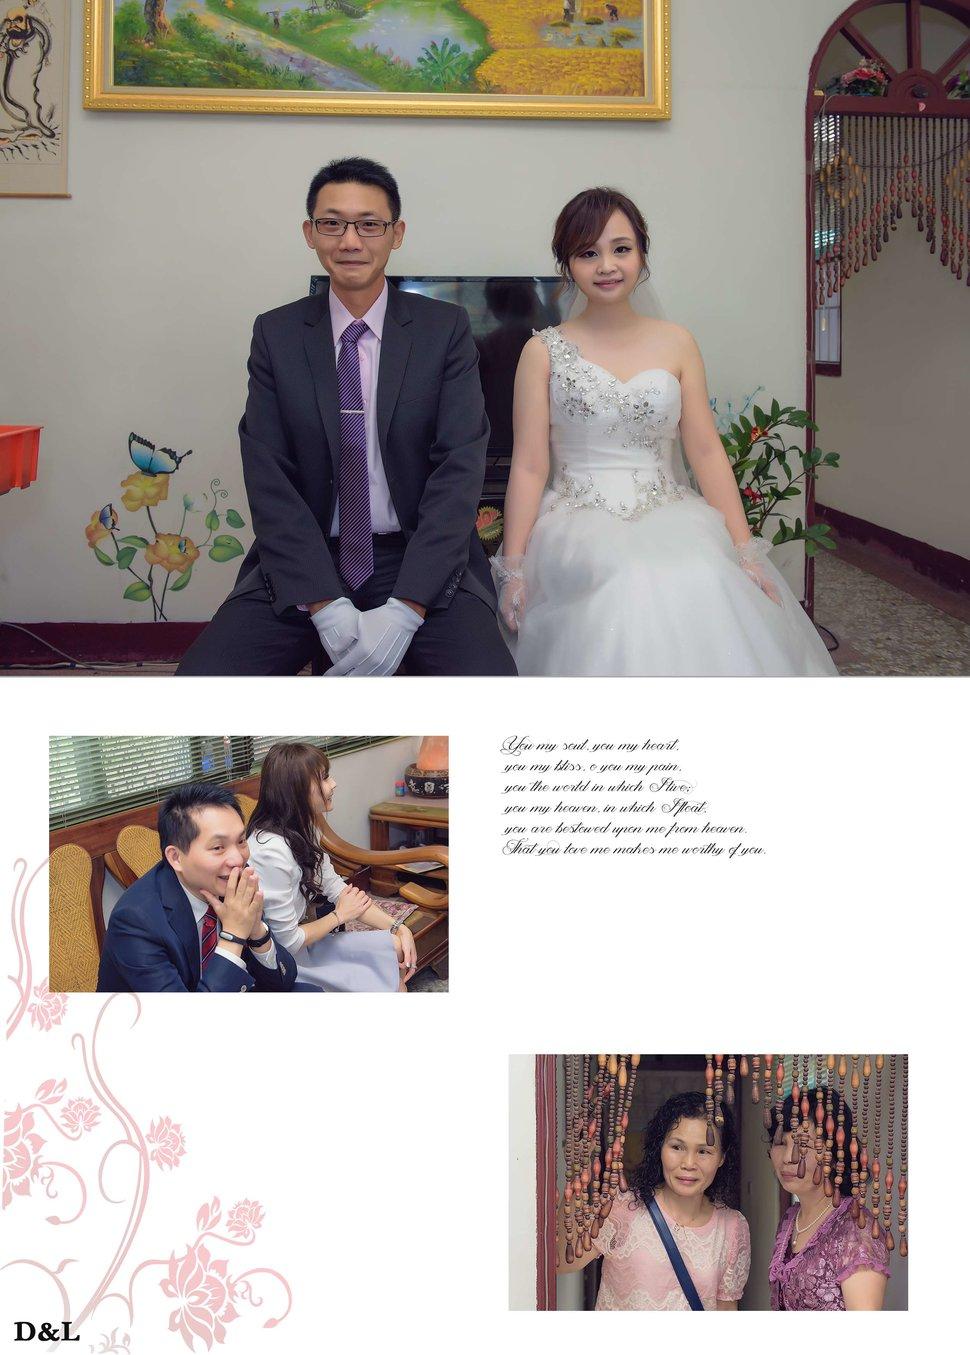 台中婚攝 婚禮記錄 錦全&昀臻-大和屋國際美食館大里(編號:6103) - D&L 婚禮事務-婚紗攝影/婚禮記錄 - 結婚吧